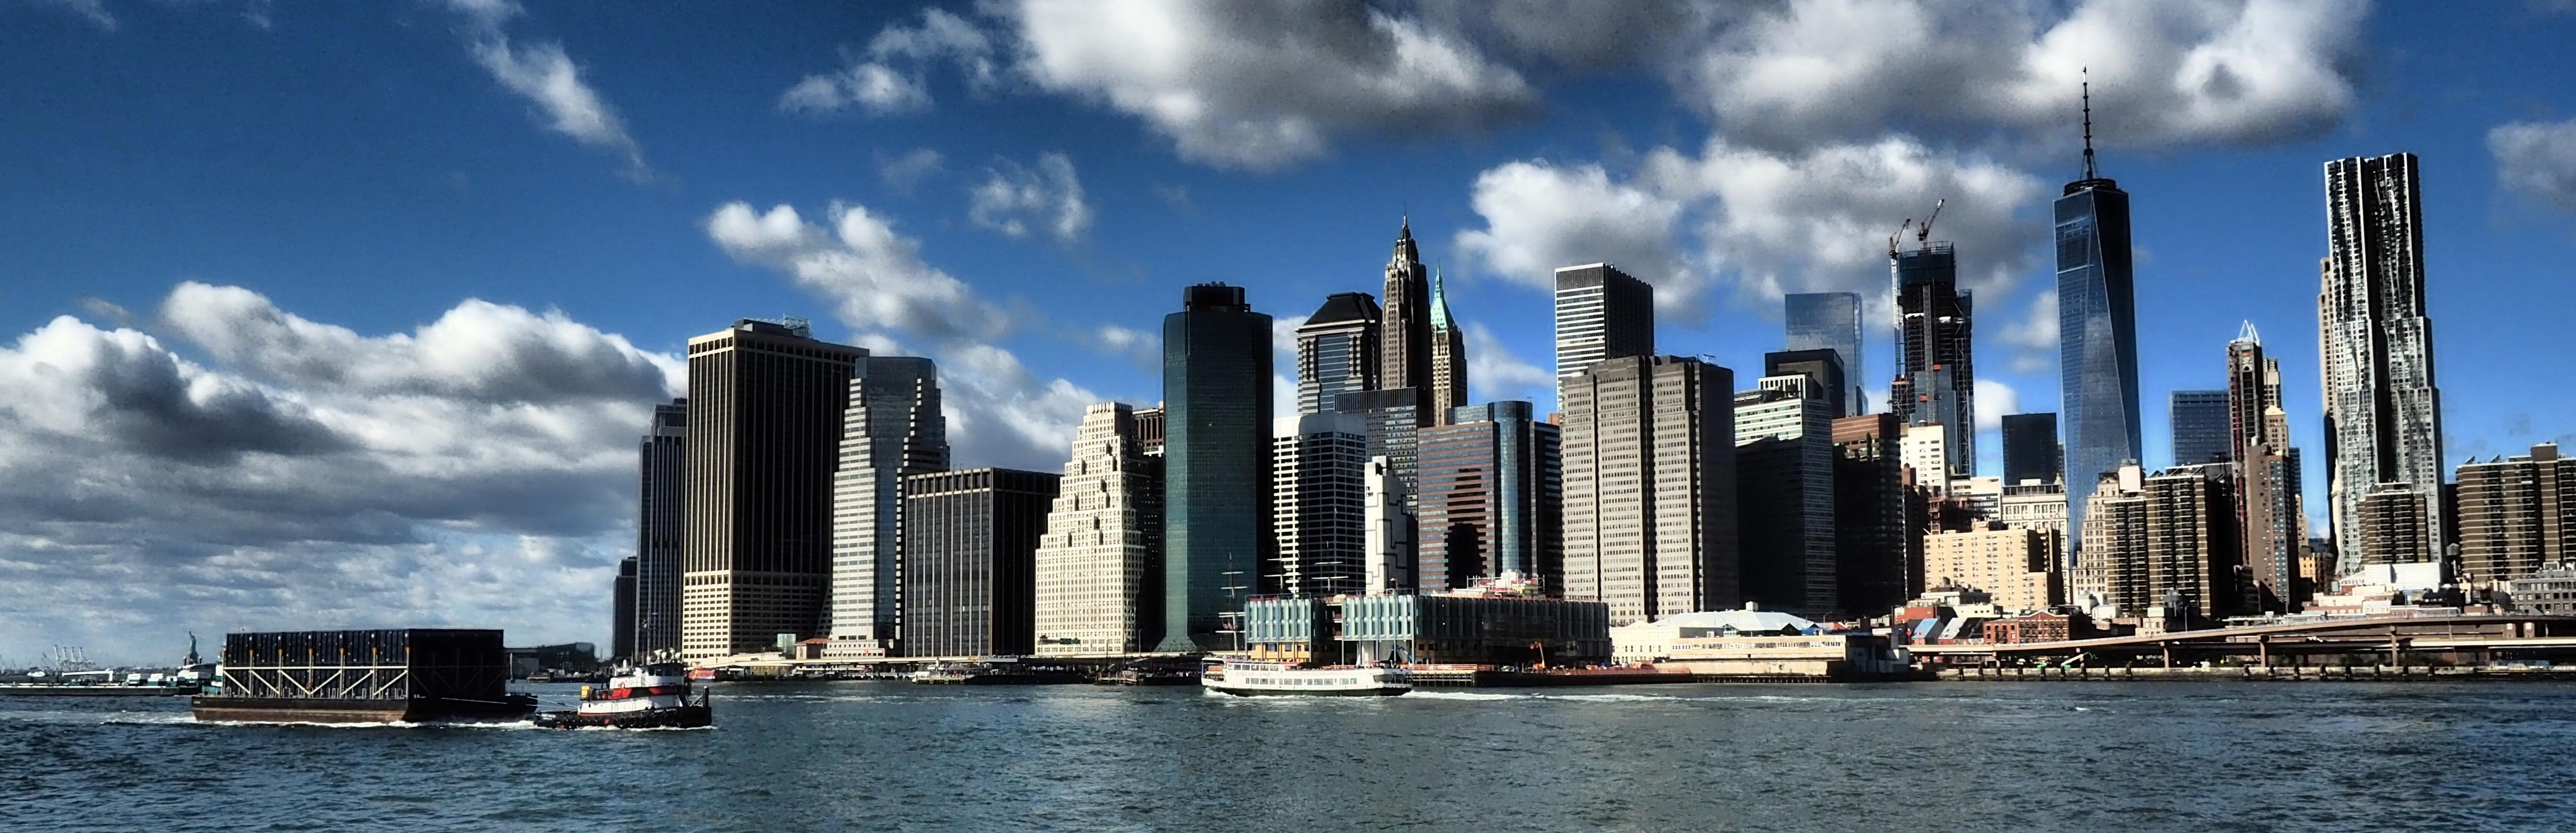 NYC1238